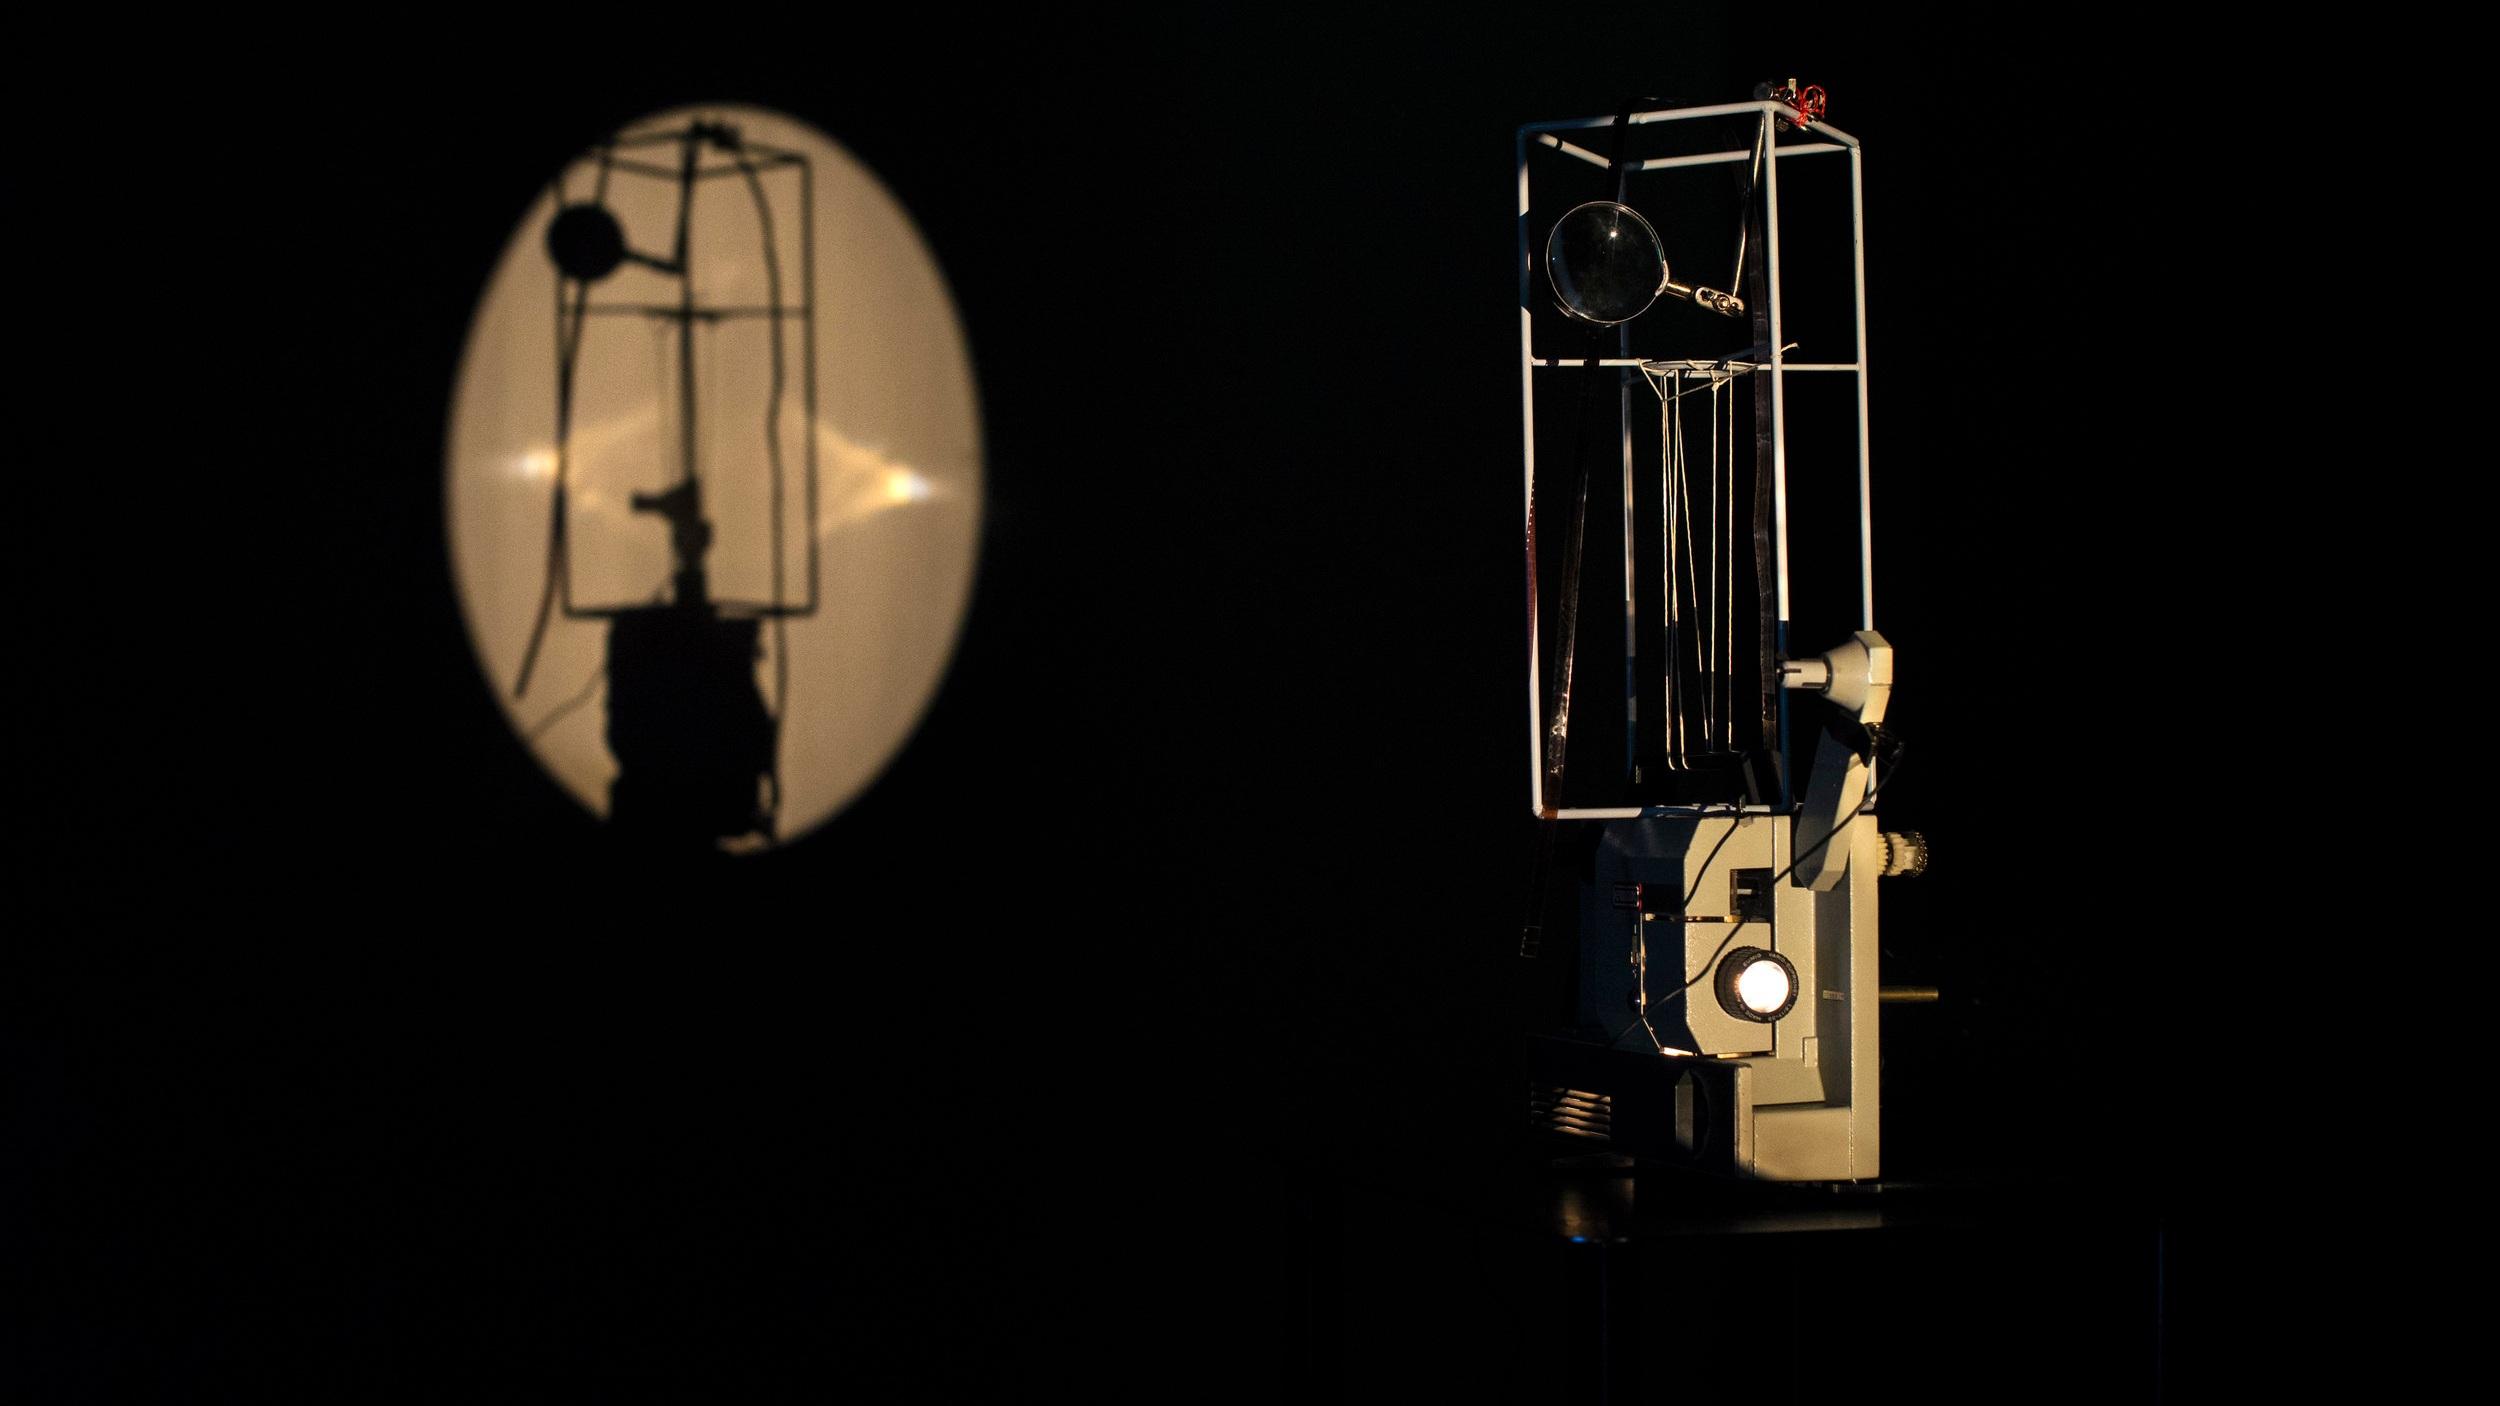 17.02.2019 - Hooman Jeddy neemt u mee door zijn expo+ Sergei Paradjanov - 'Sayat Nova' Het Bos, Antwerp - 20u30 / €5